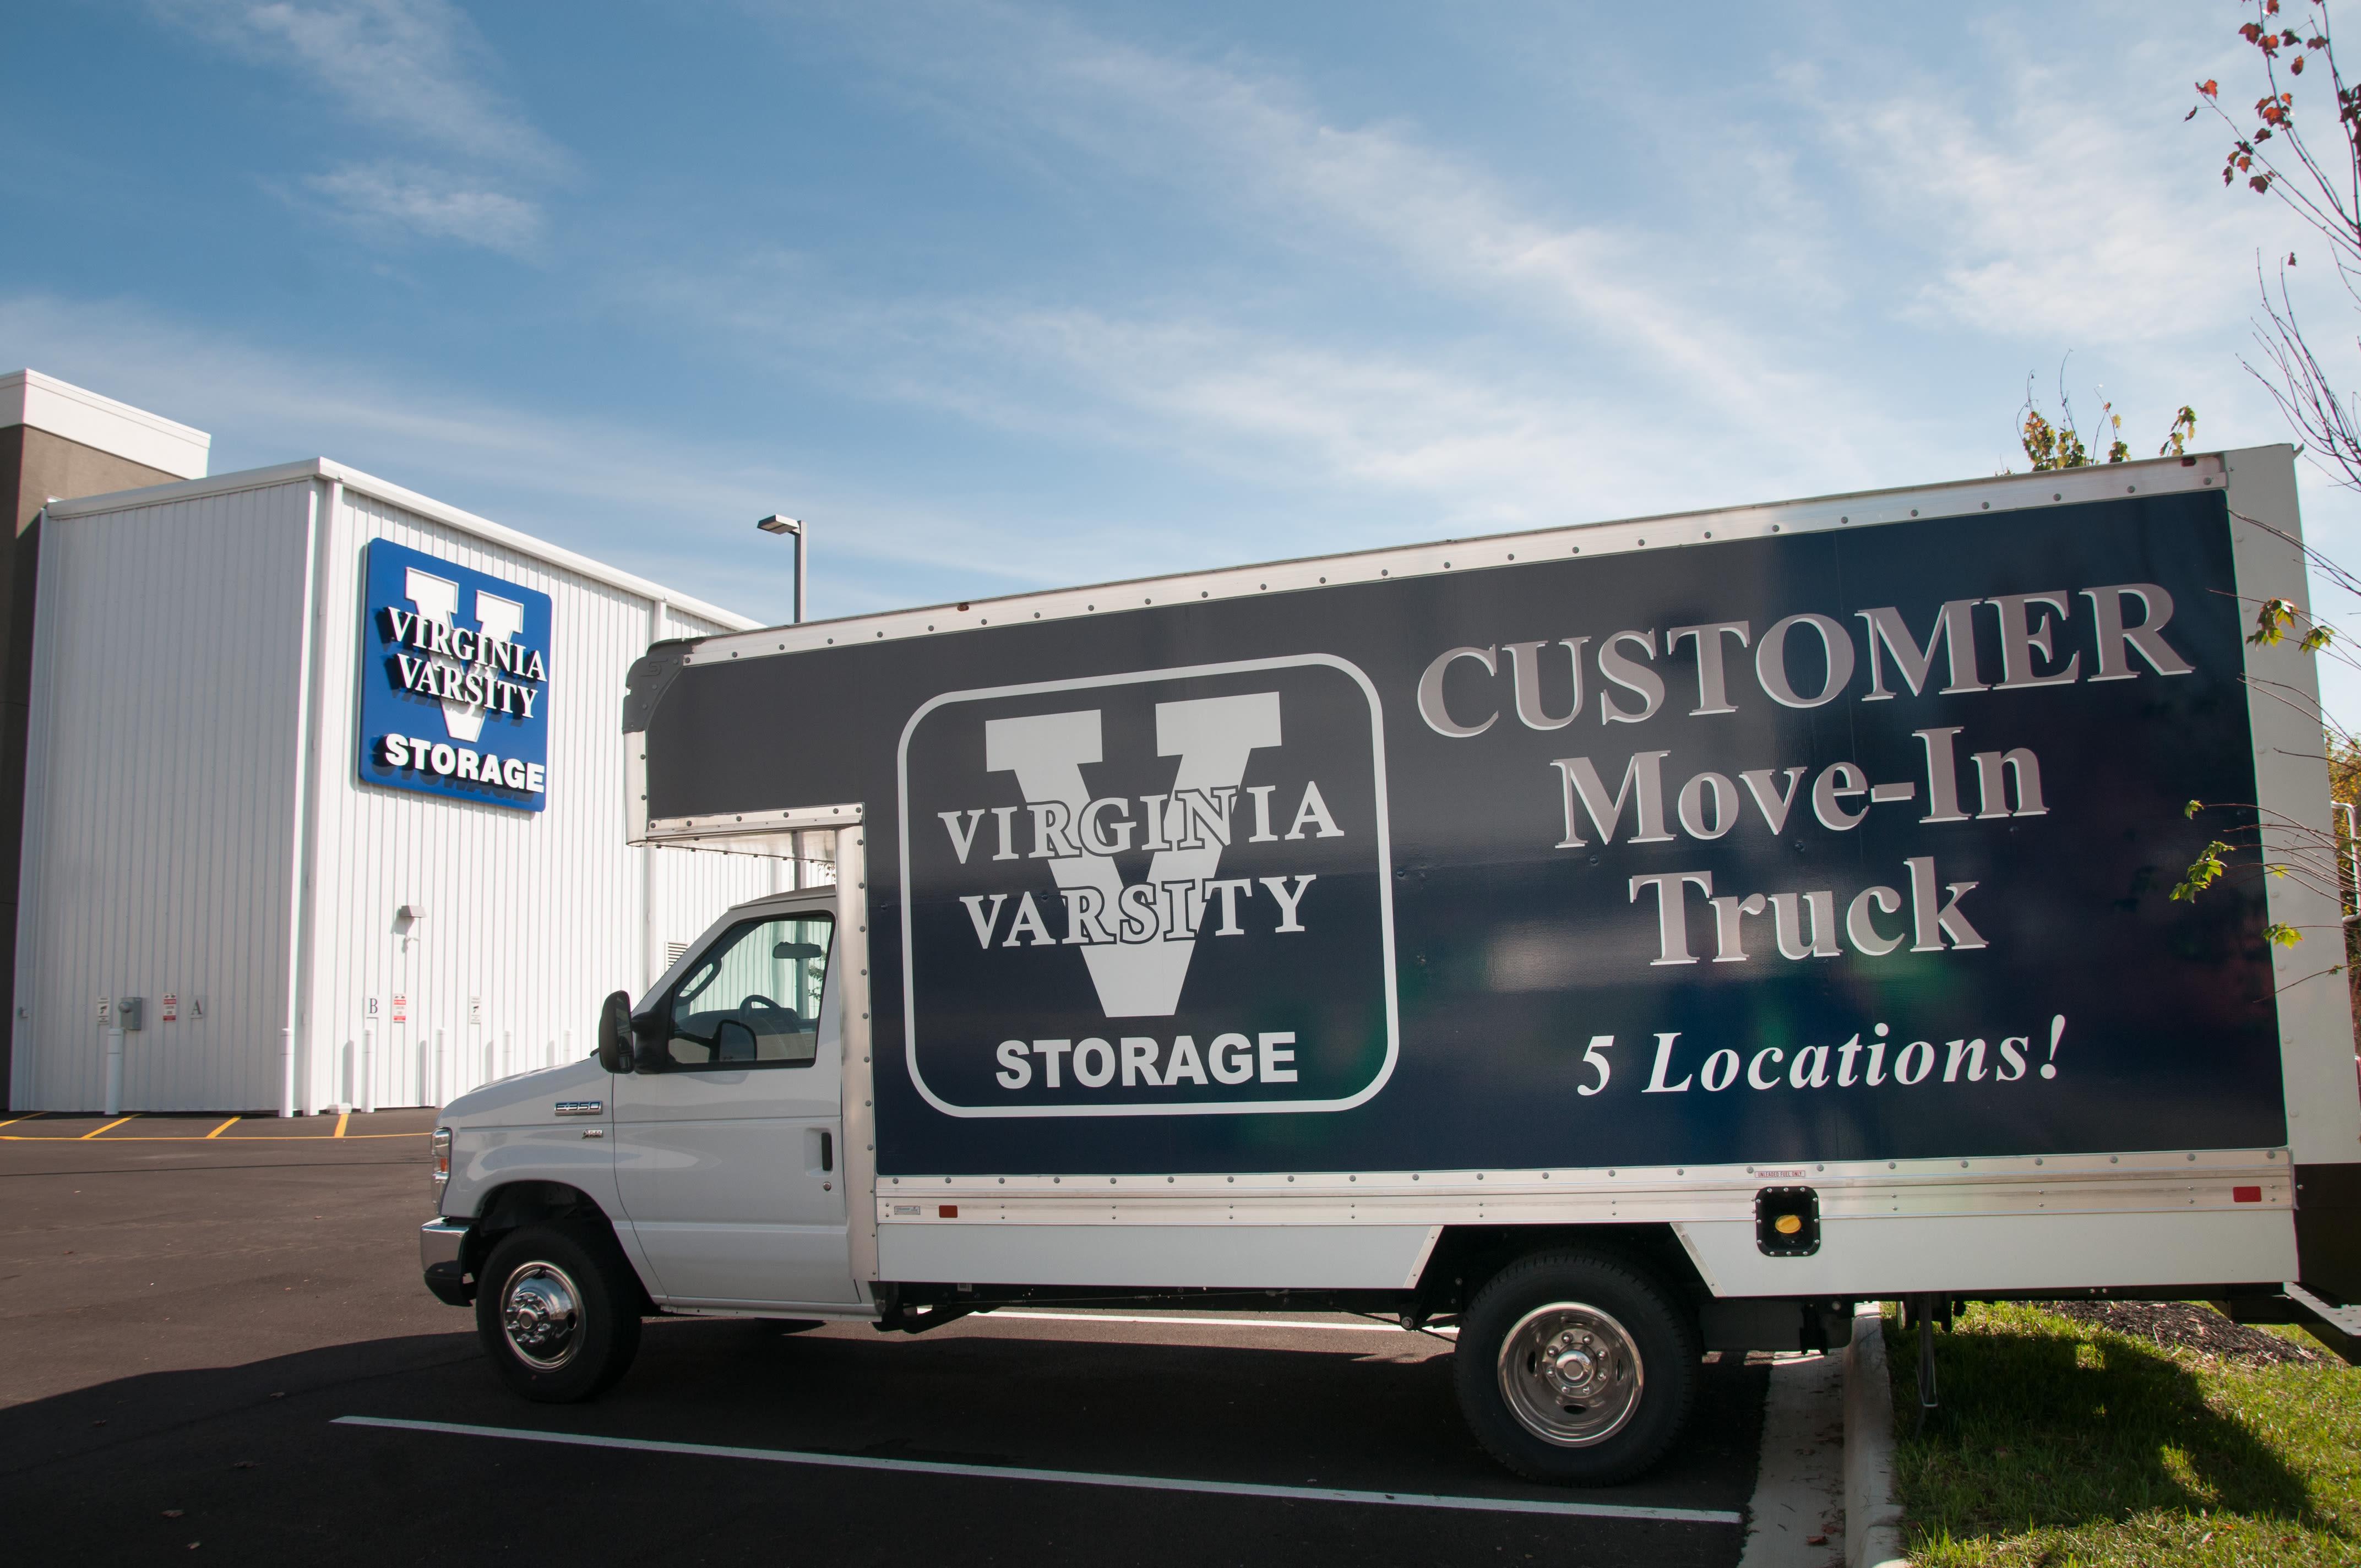 Free moving truck at Virginia Varsity Storage in Roanoke, Virginia